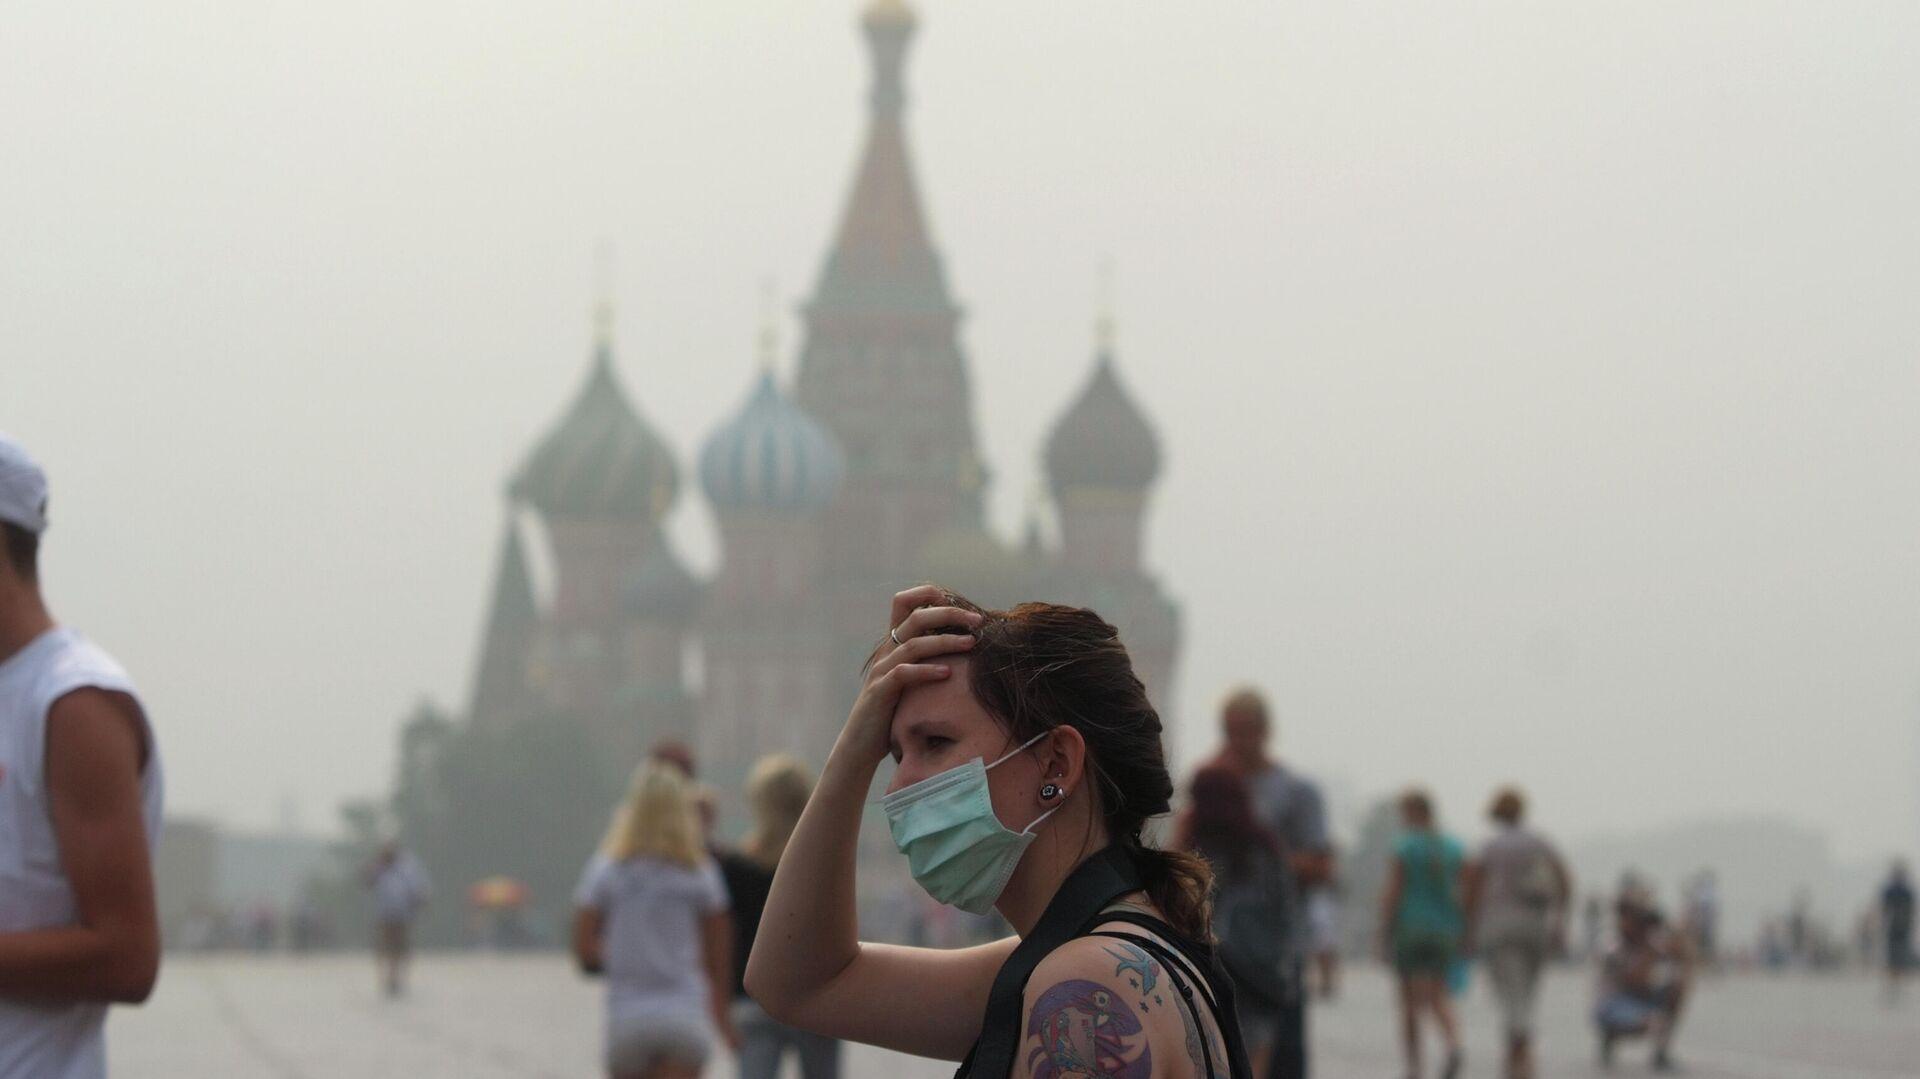 Девушка на Красной площади в жаркую погоду - РИА Новости, 1920, 09.03.2021